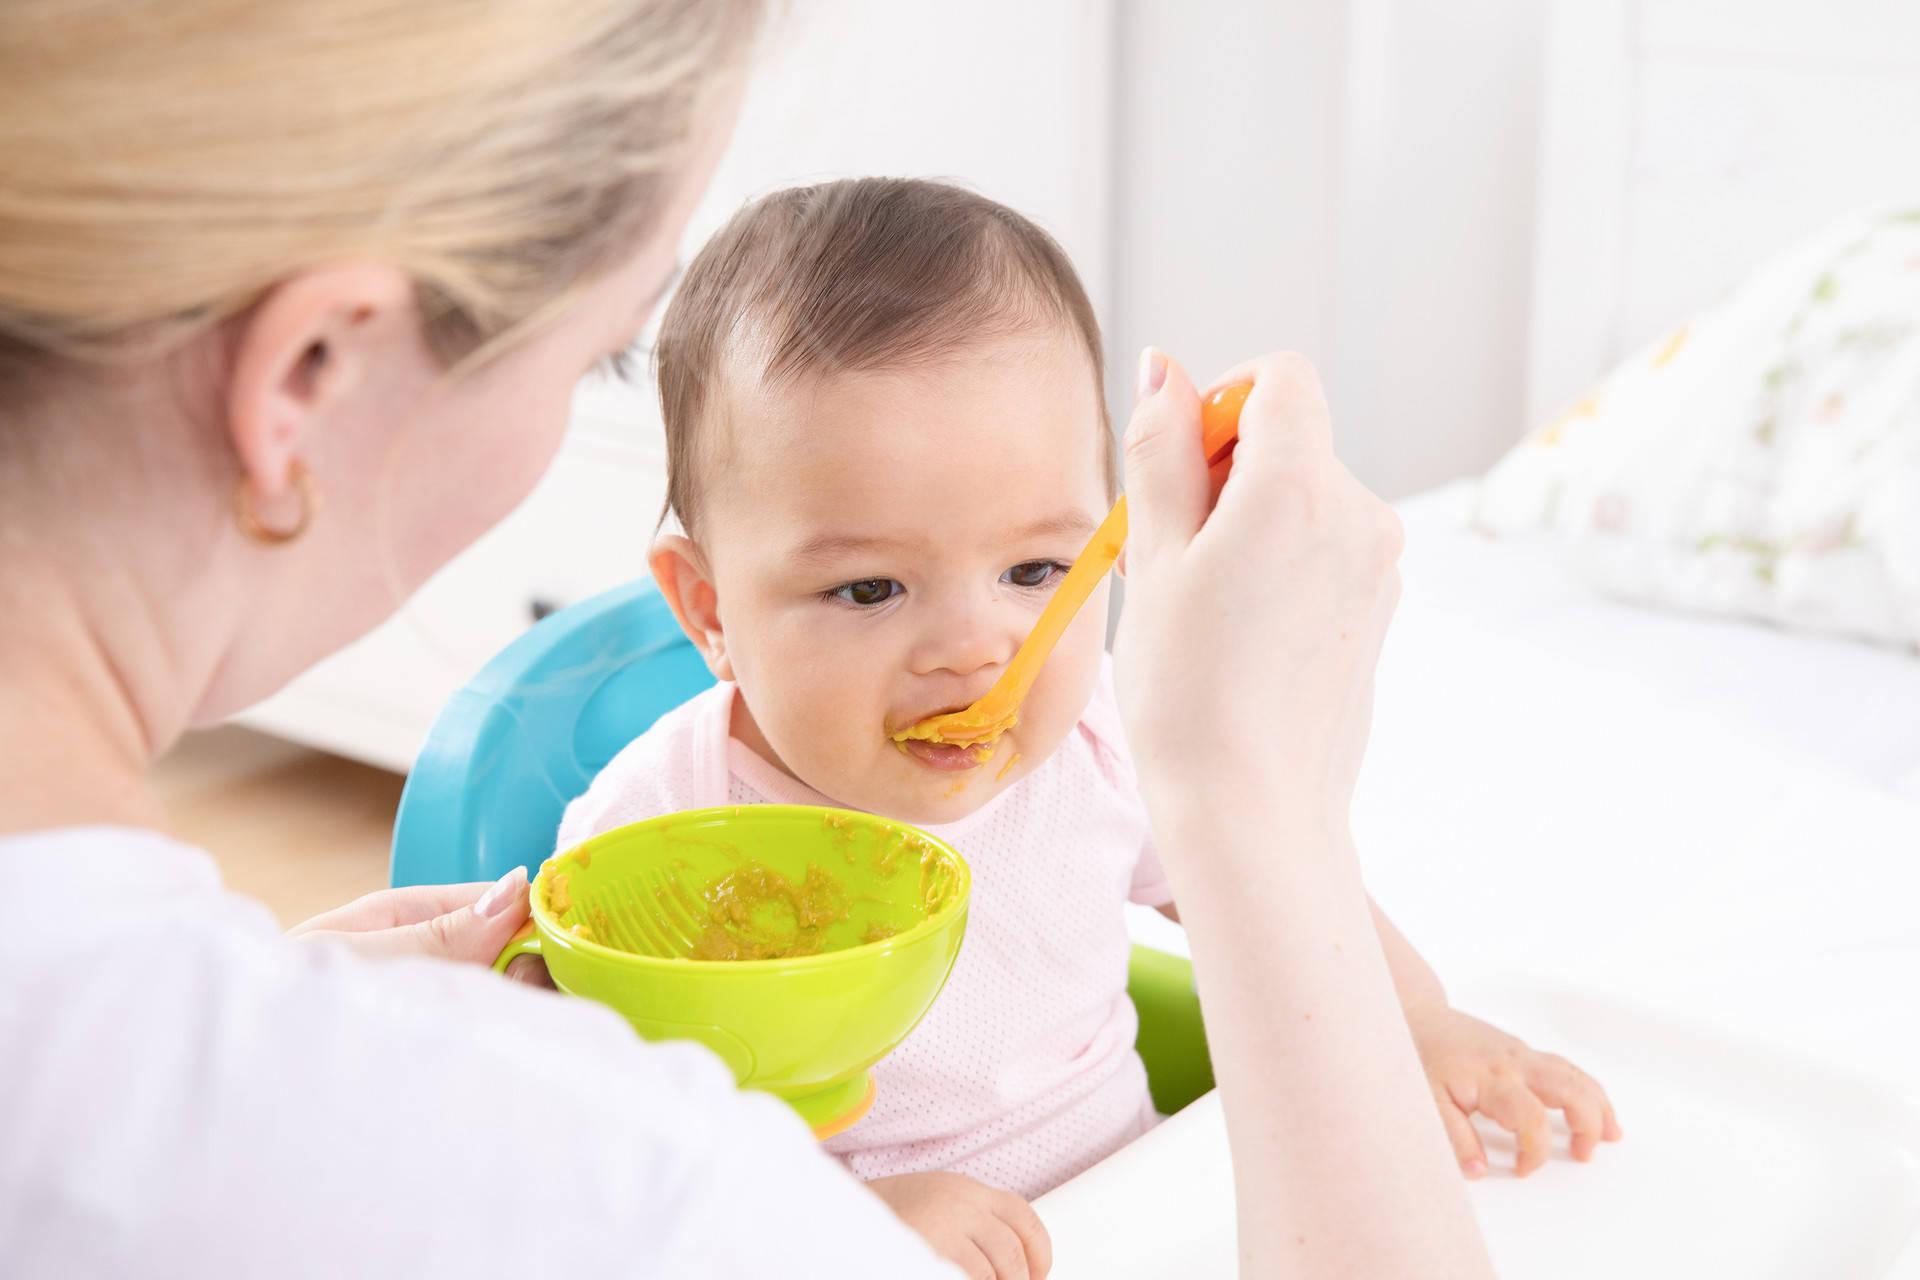 孩子添加辅食时,家长要避免十个误区,别等宝宝生病才后悔  第6张